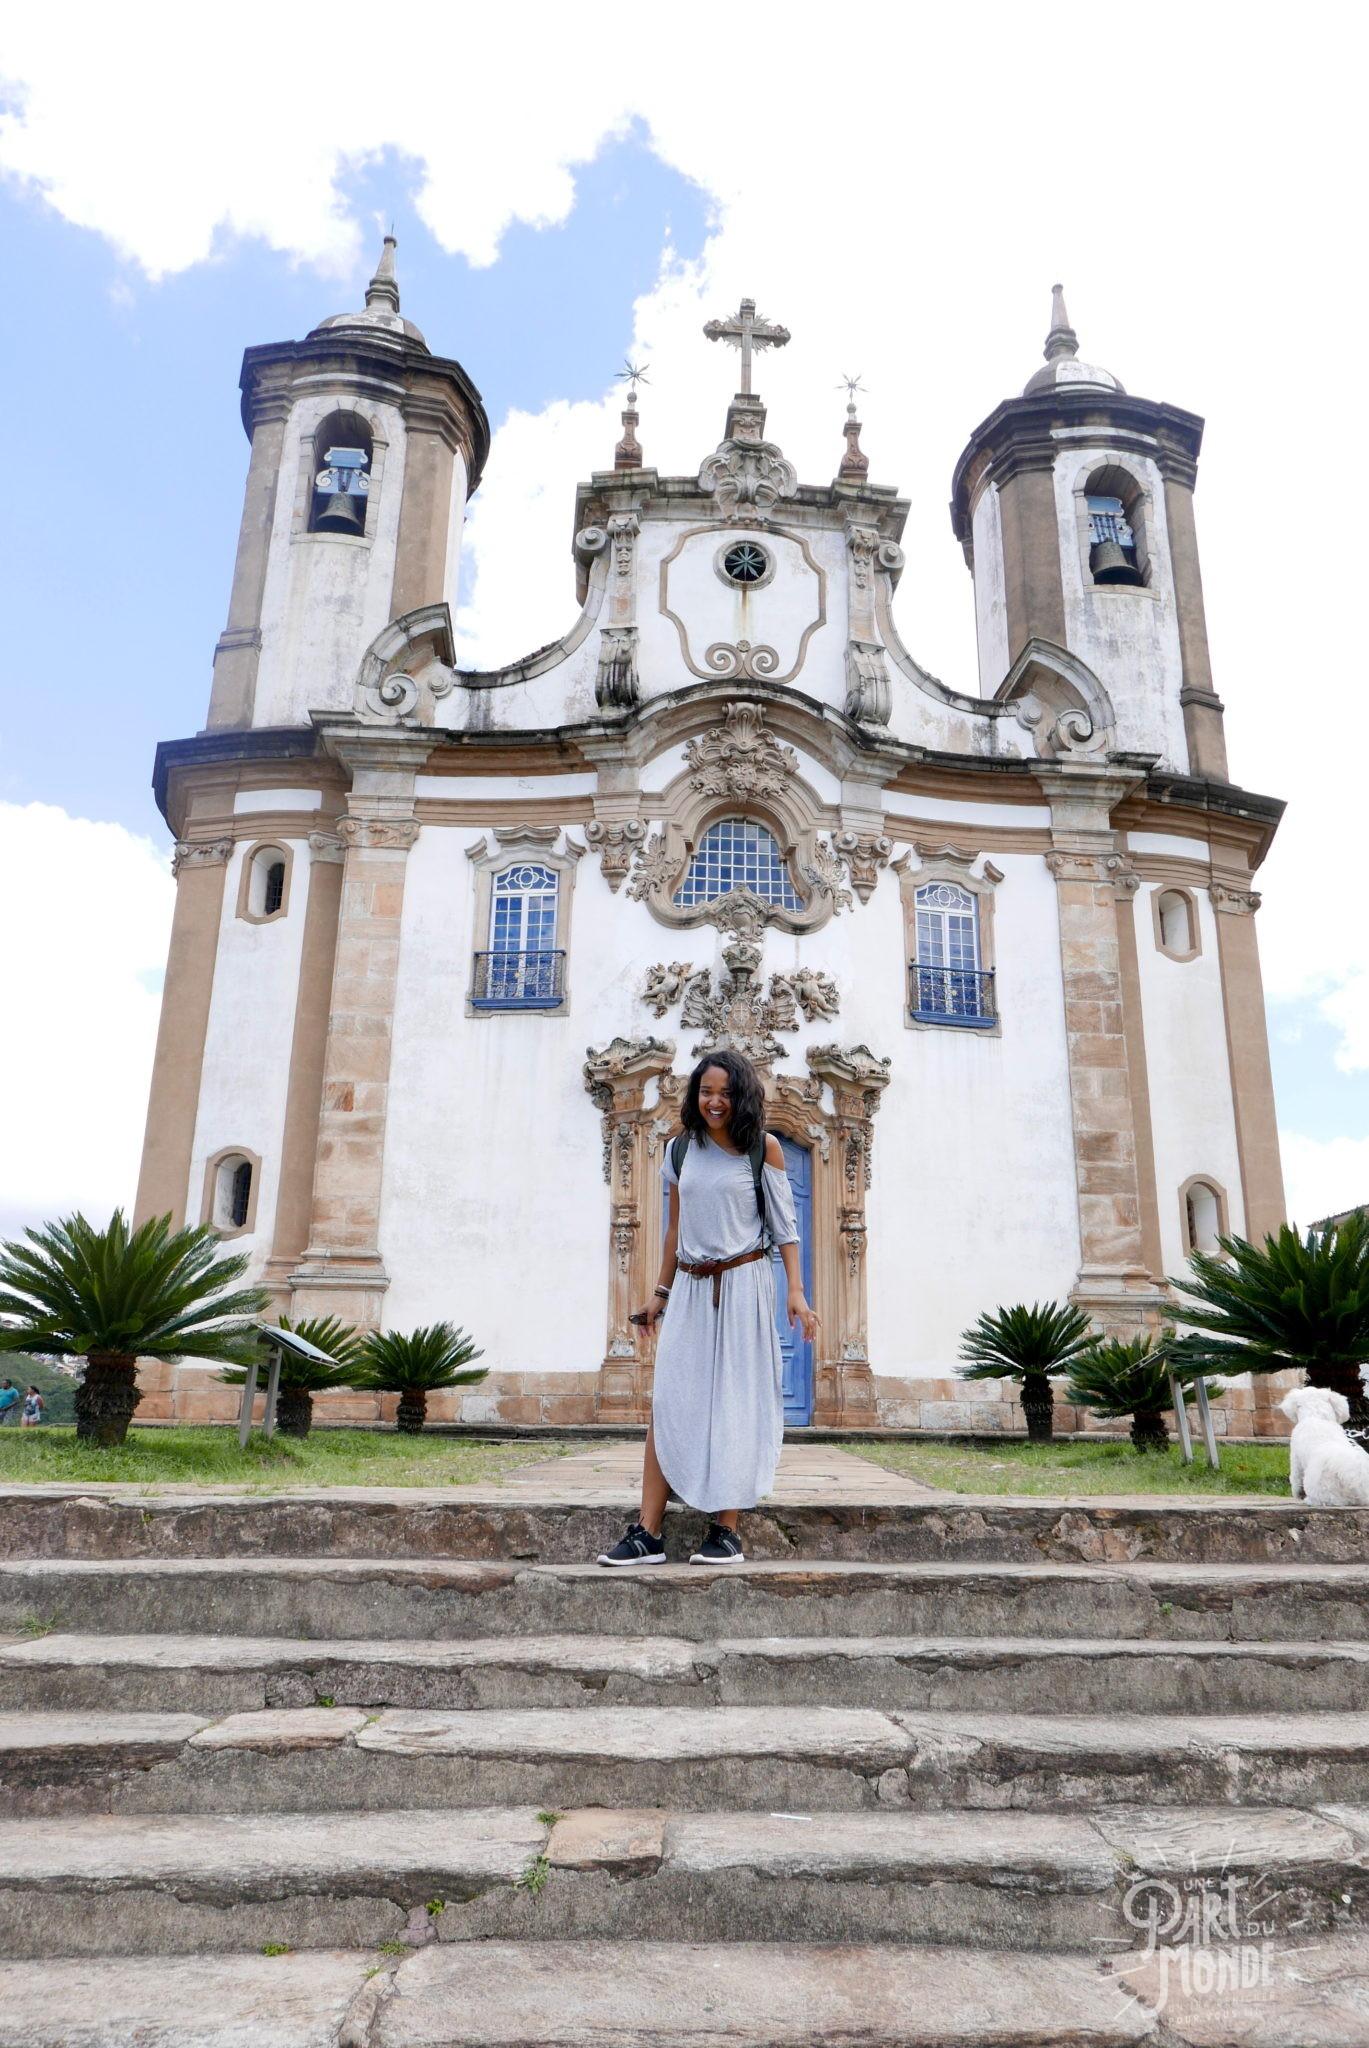 Ouro preto Minas gerais église krystel